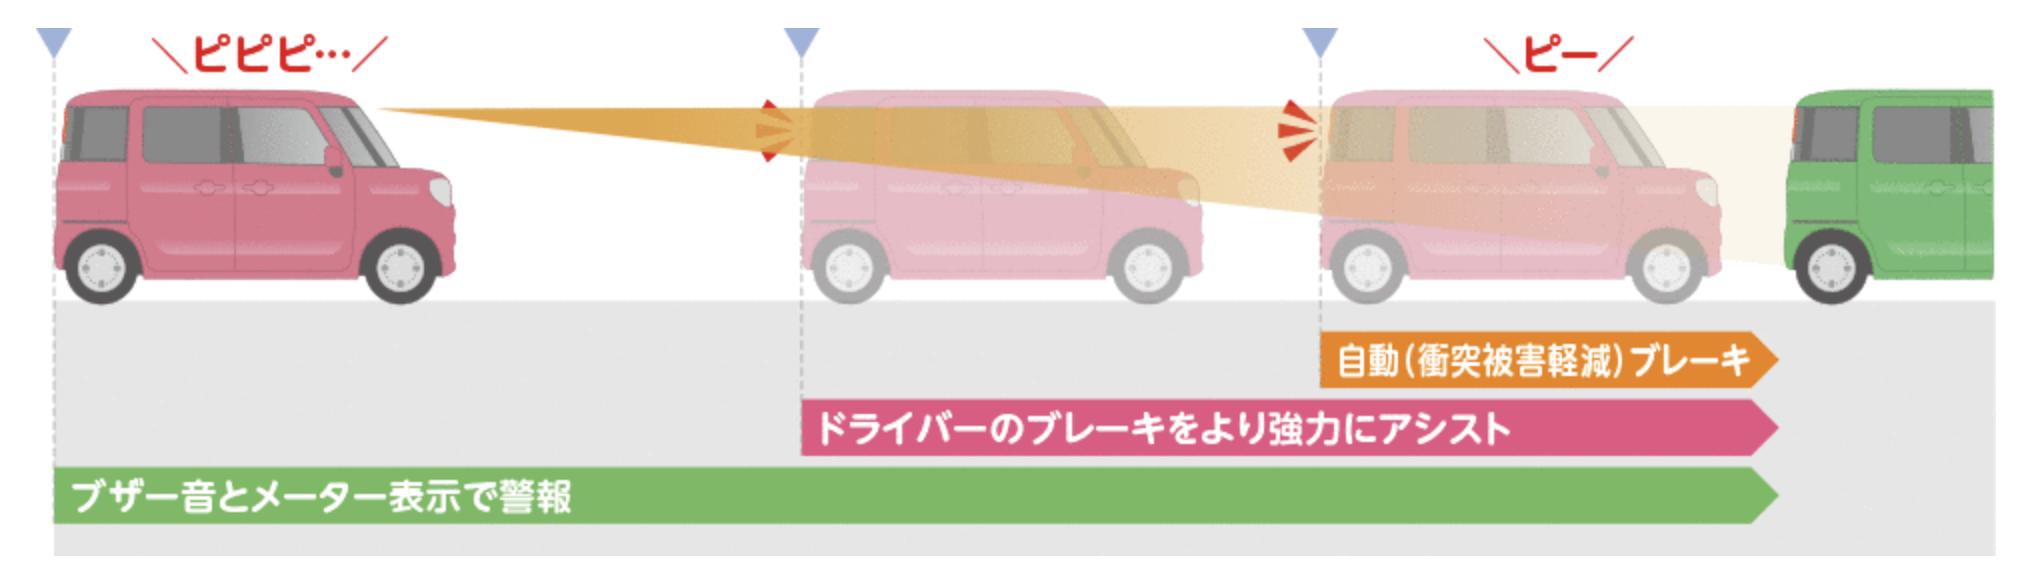 新型ワゴンRは事故に強い?万が一のための耐久性や安全装備は大丈夫なの?